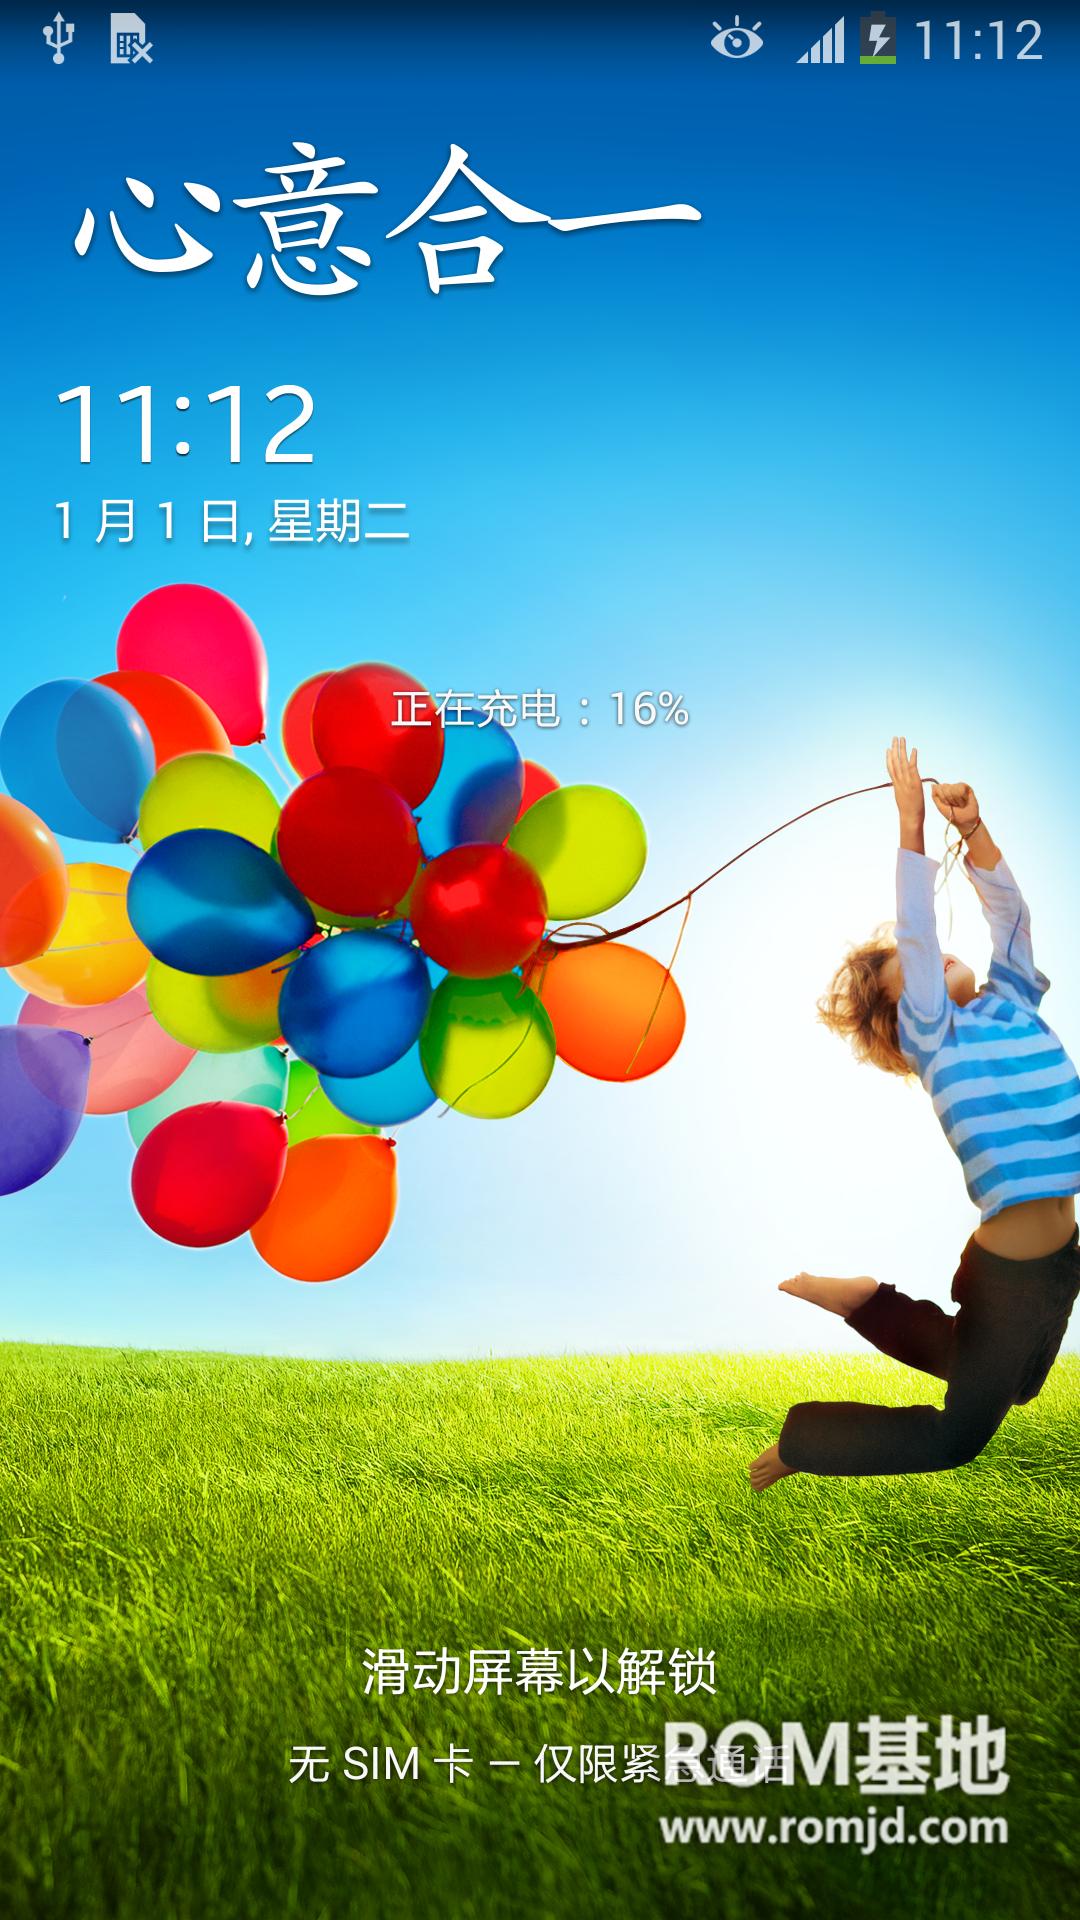 三星 I9502(联通S4)线刷包 Android4.3 官方原版ZNUEMK3固件一体包ROM刷机包下载